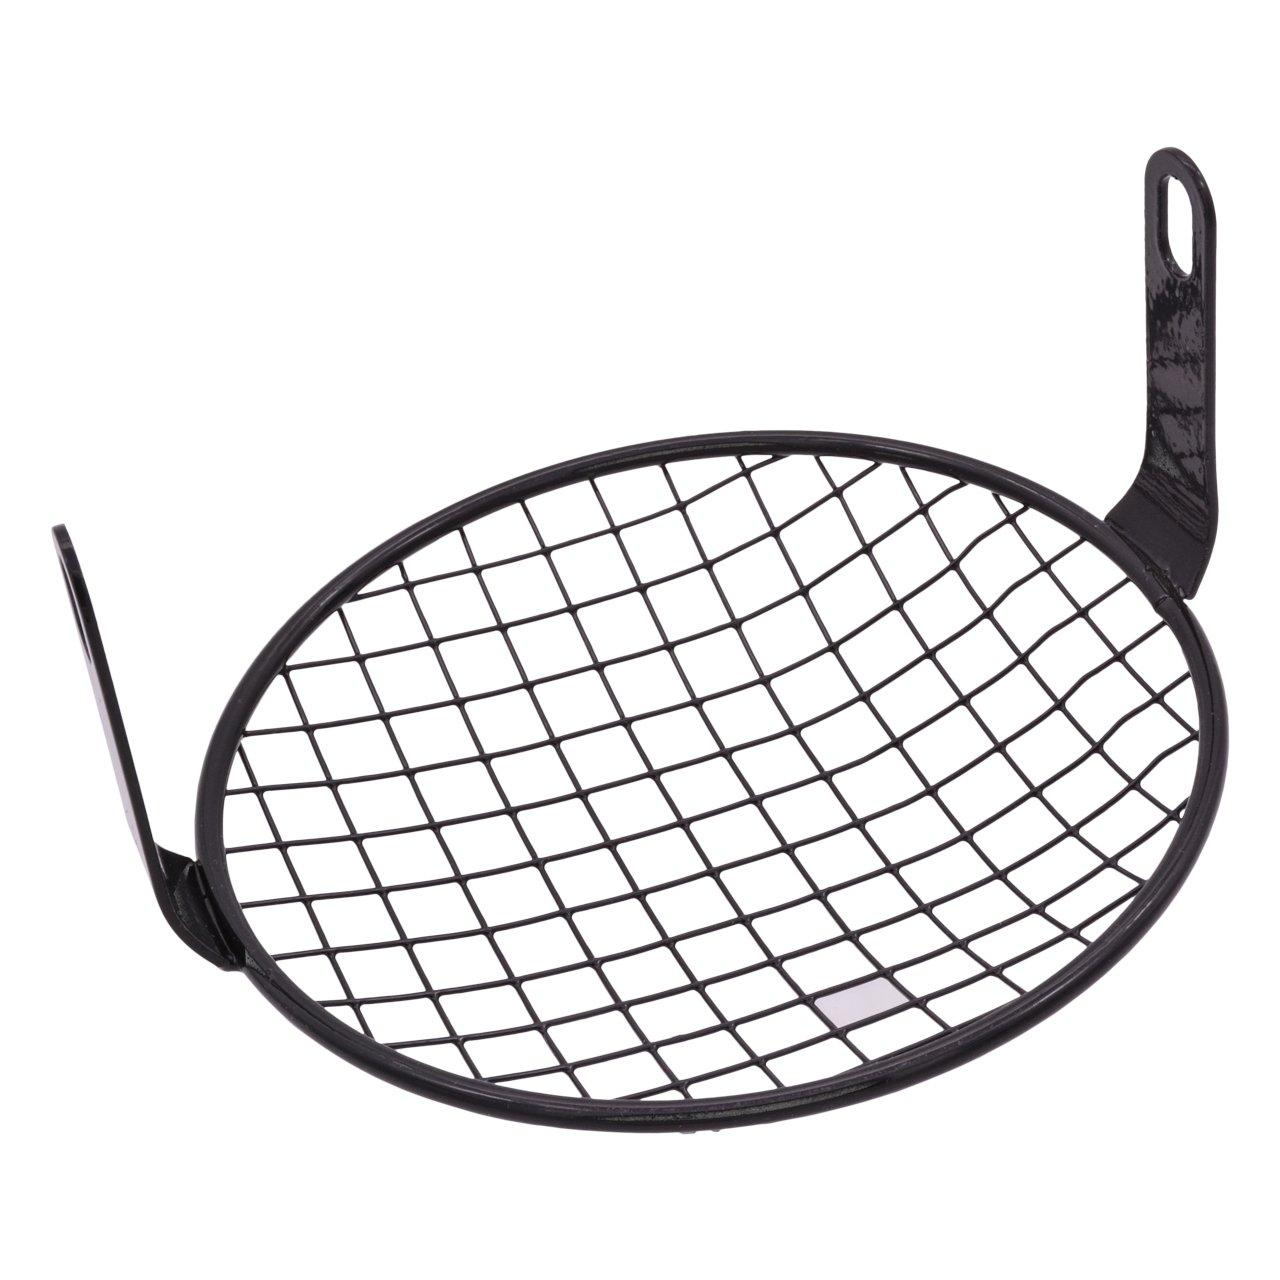 Natgic universale faro moto metallo griglia rete 16/cm in rete di protezione